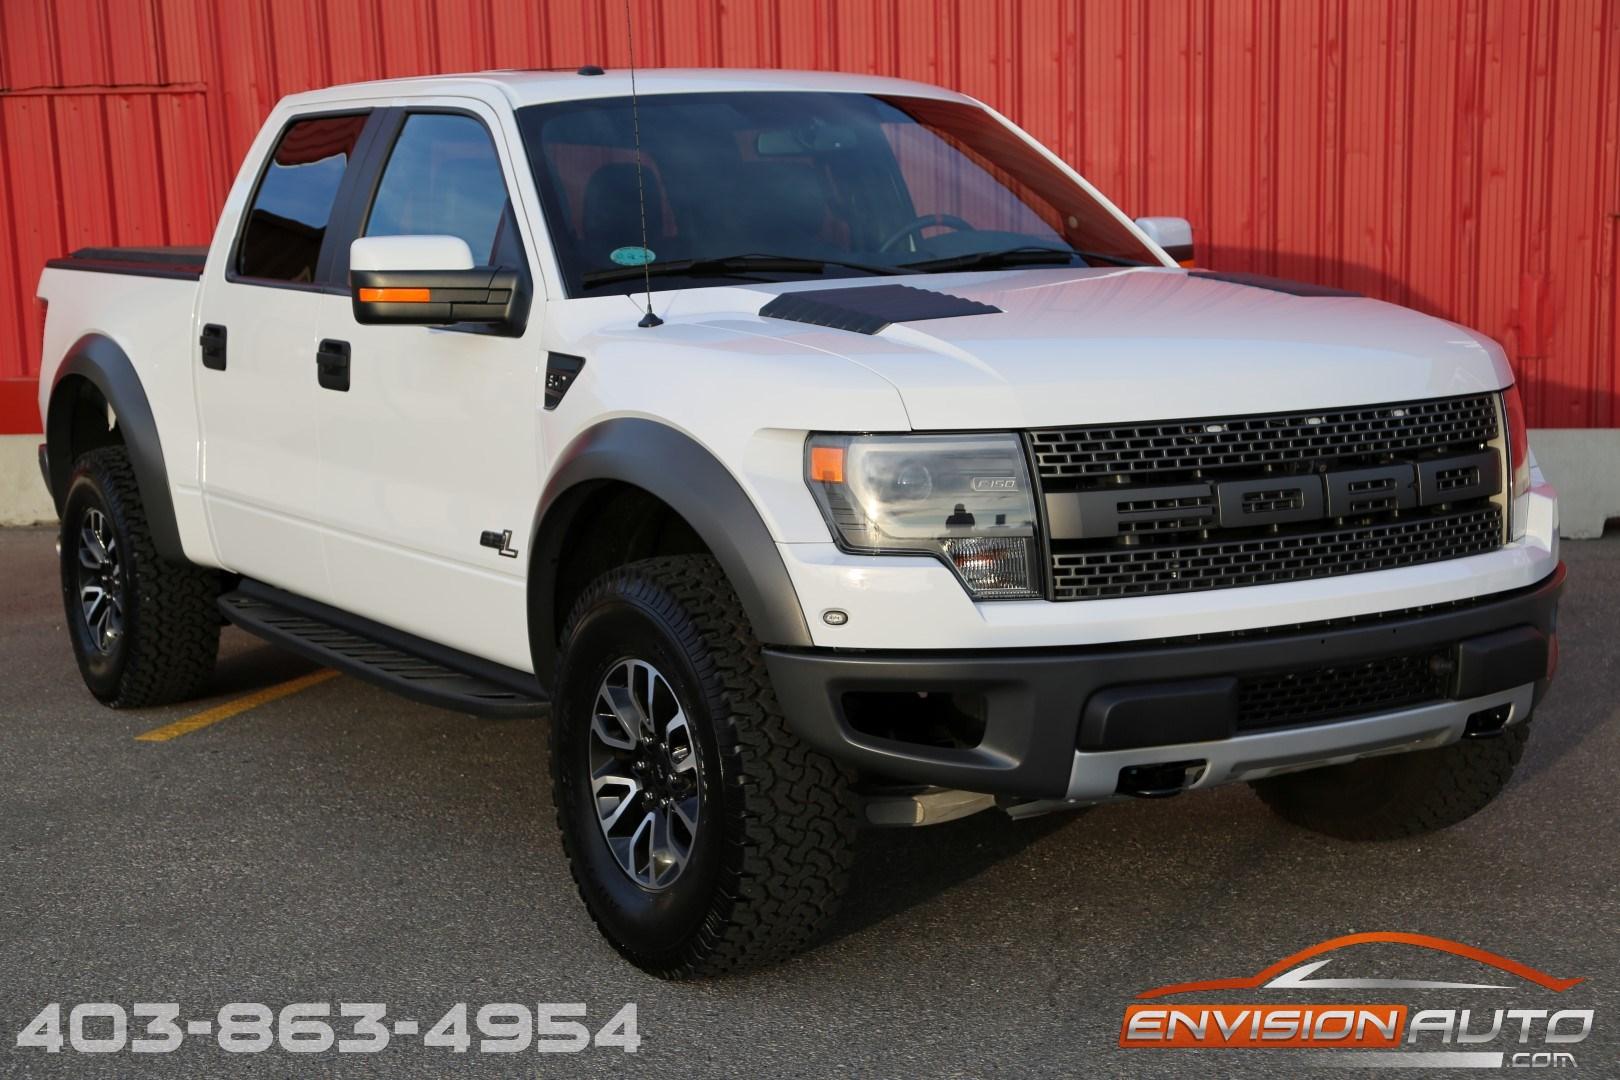 2014 Ford F 150 Svt Raptor Crew 4 215 4 6 2l V8 Only 140